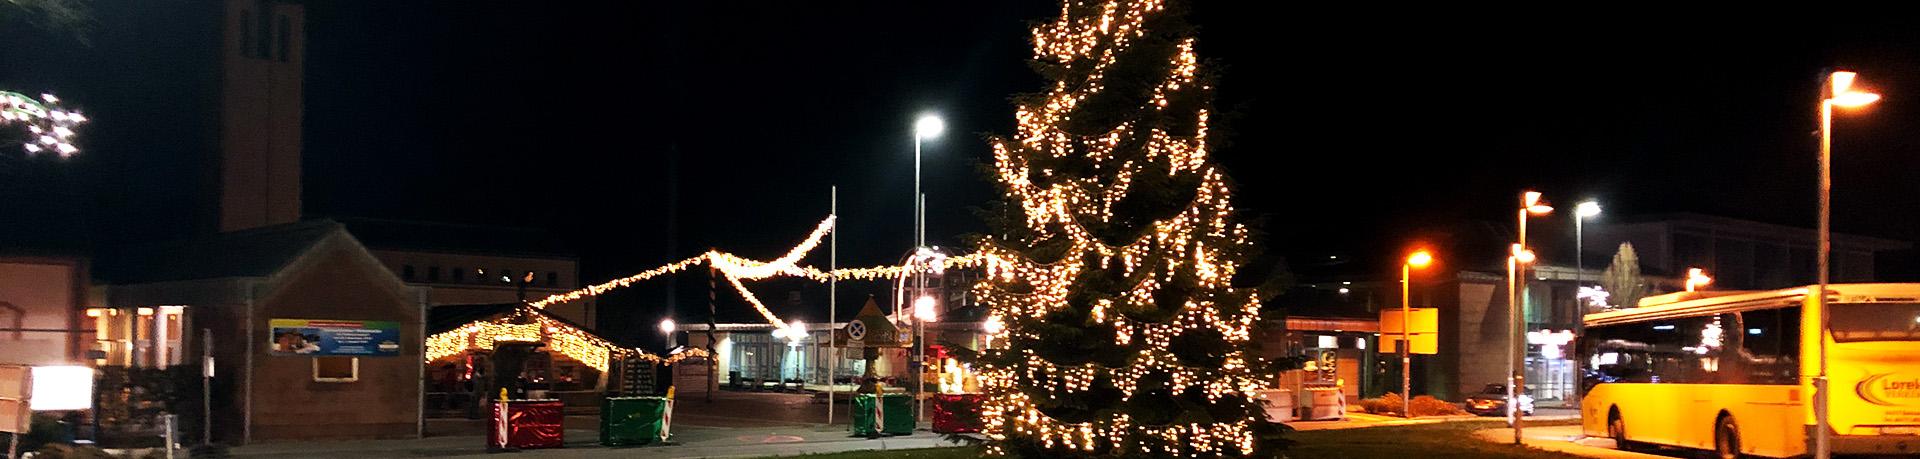 Weihnachtsbaum & Winterhütte